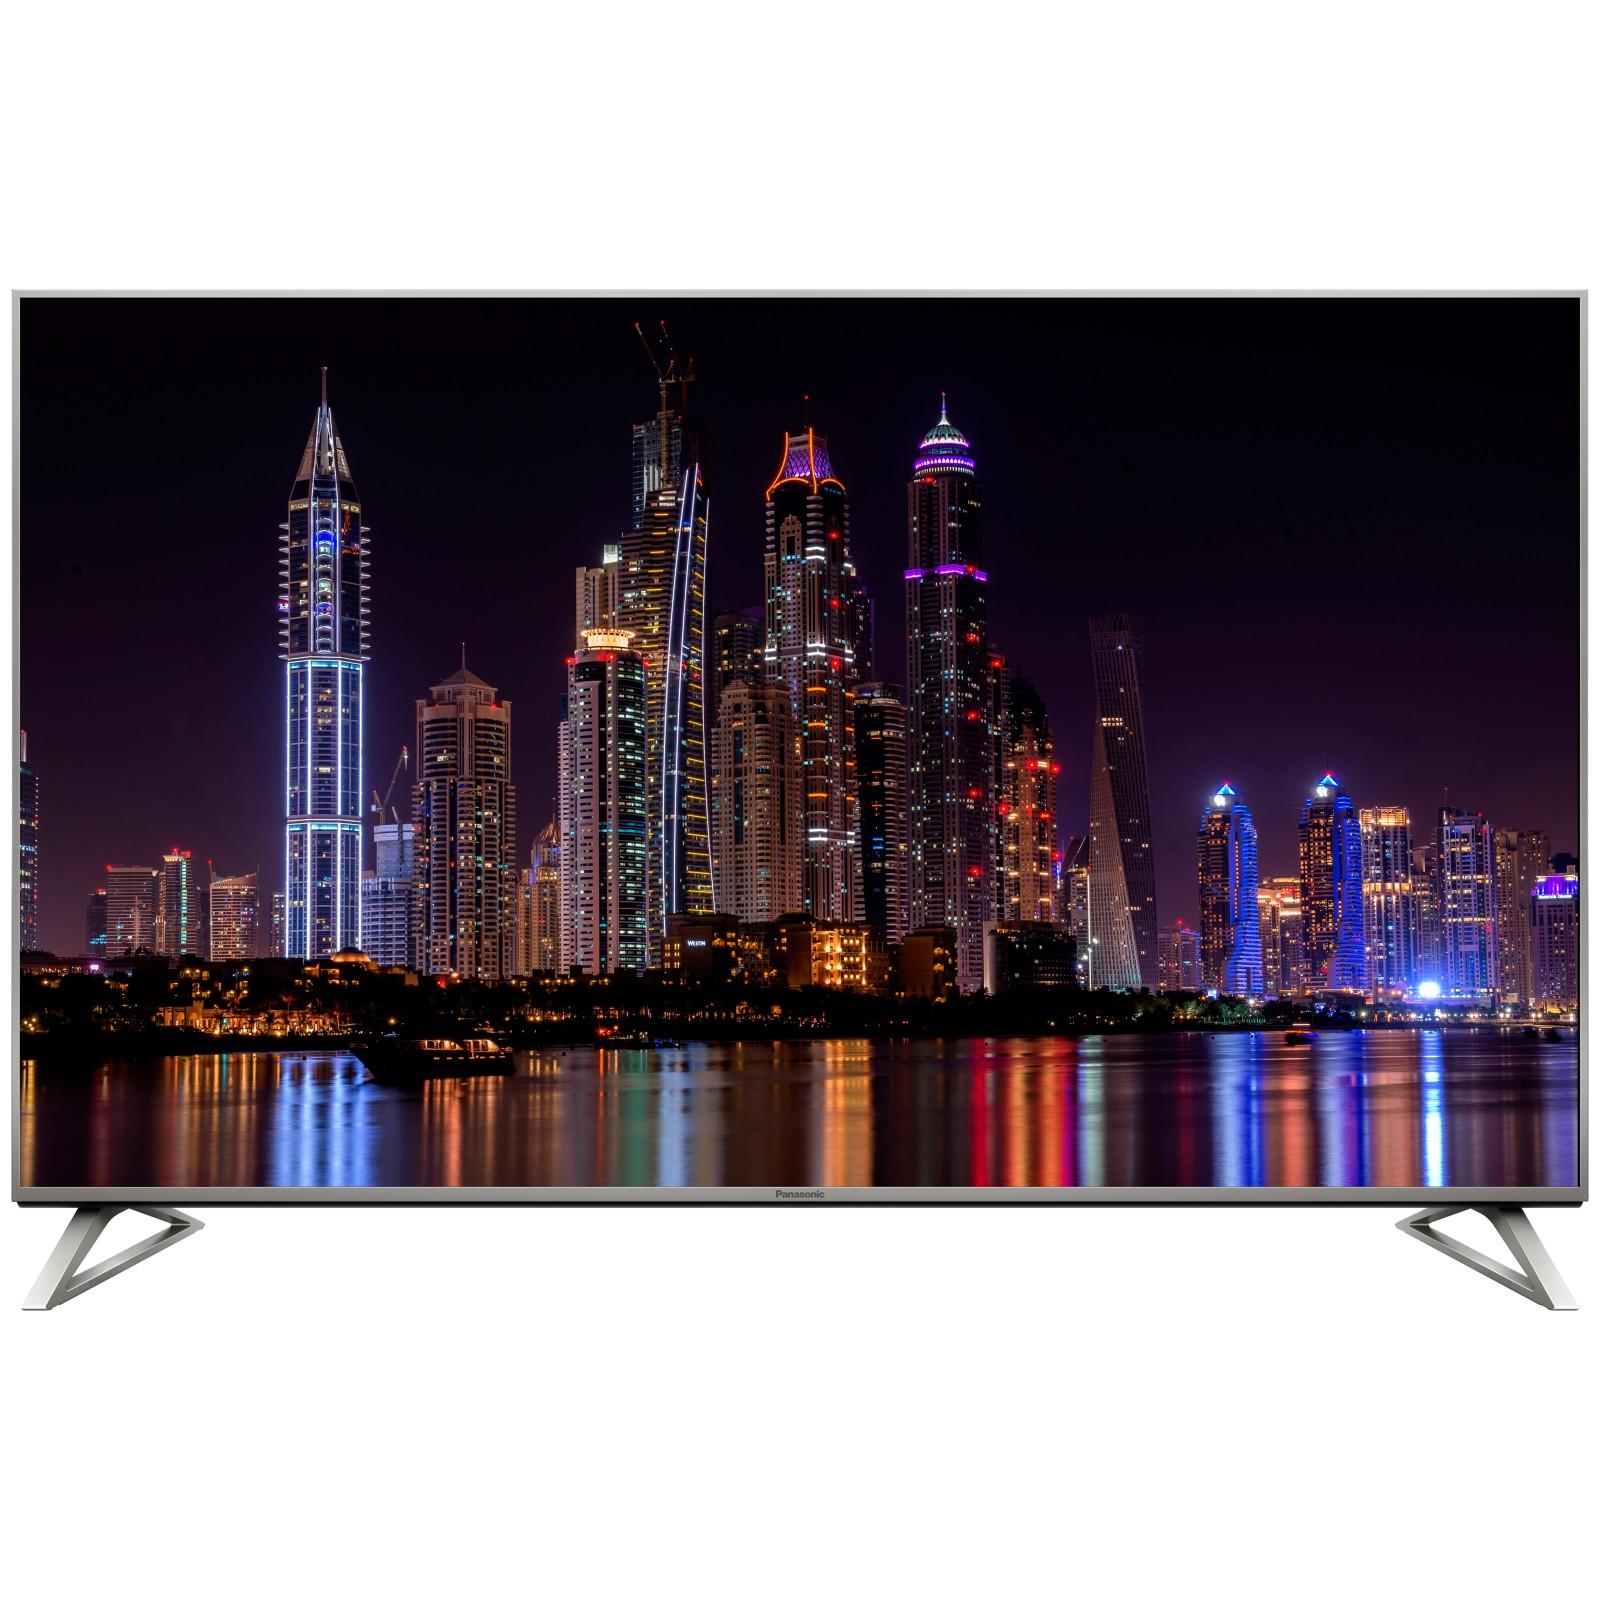 Panasonic Viera 58DX700B LED HDR 4K Ultra HD Smart TV